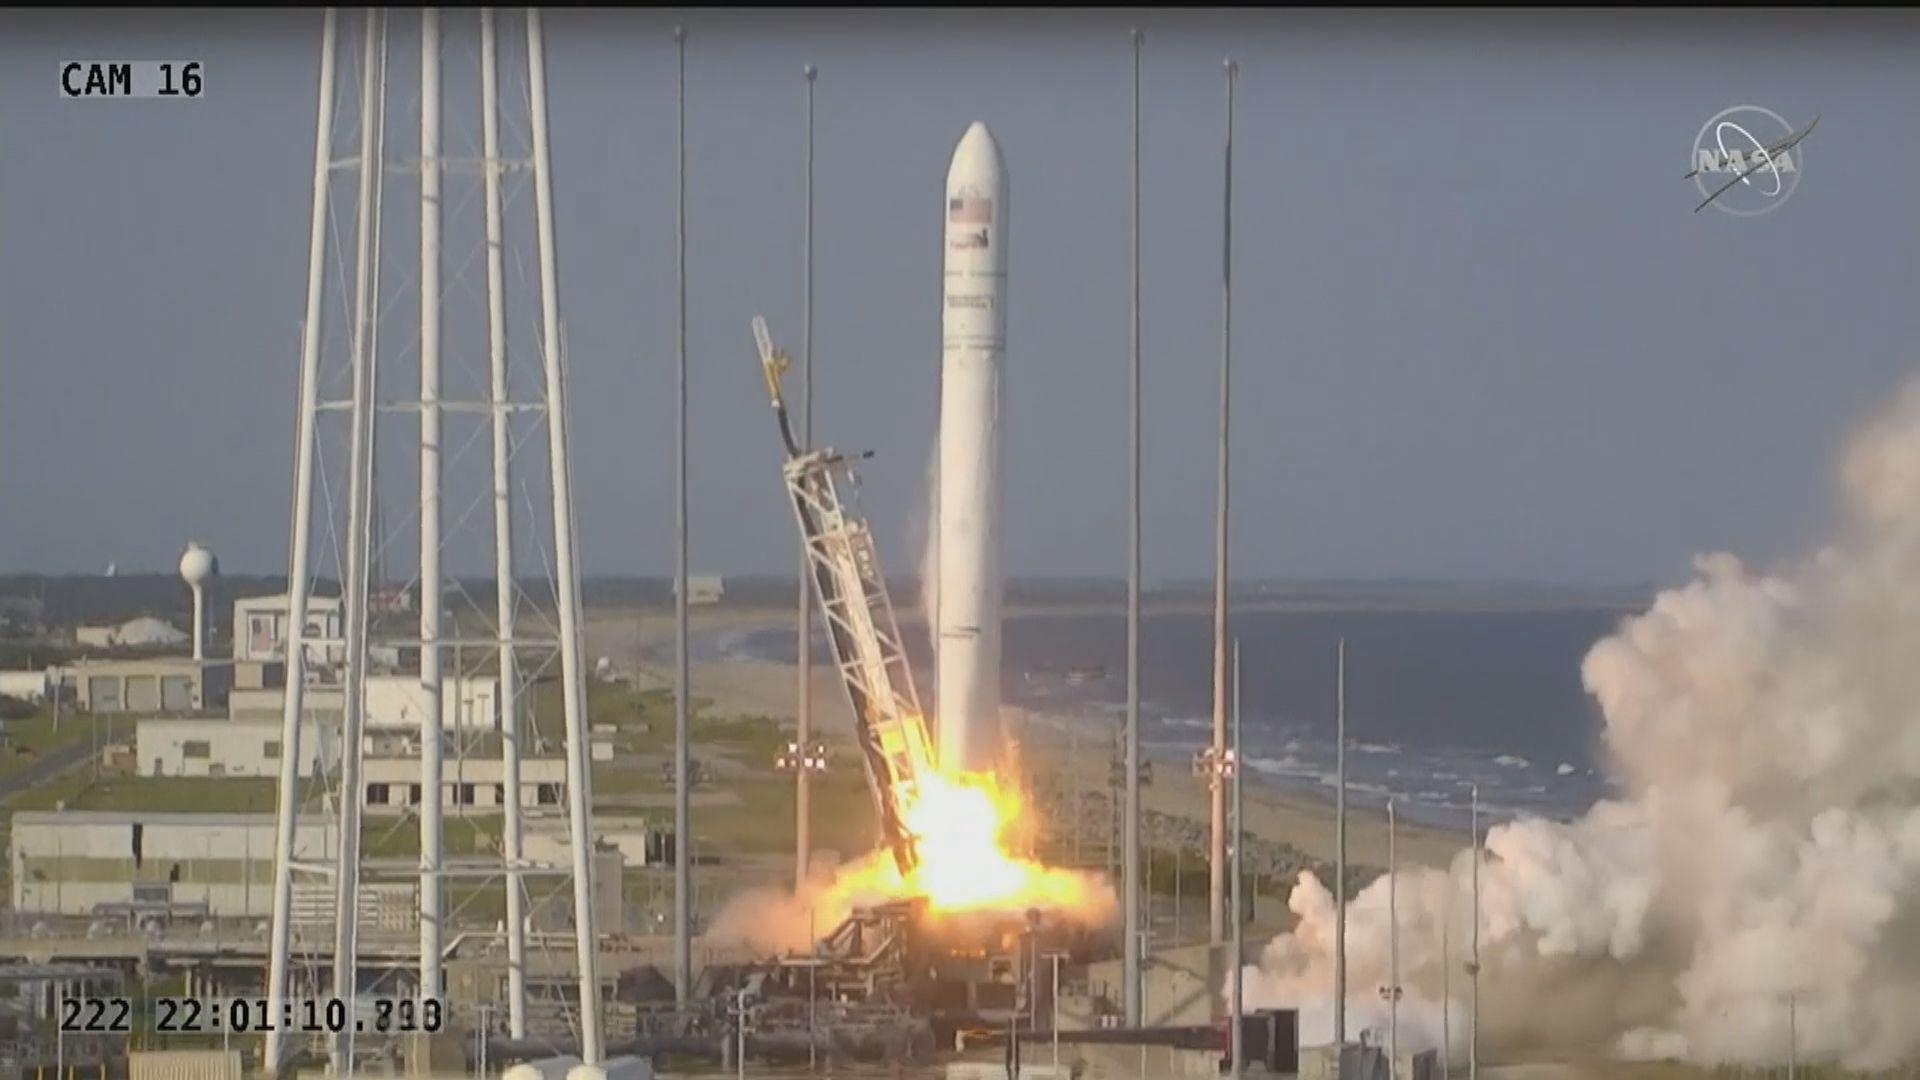 【環球薈報】天鵝座飛船攜帶國際太空站補給物資升空